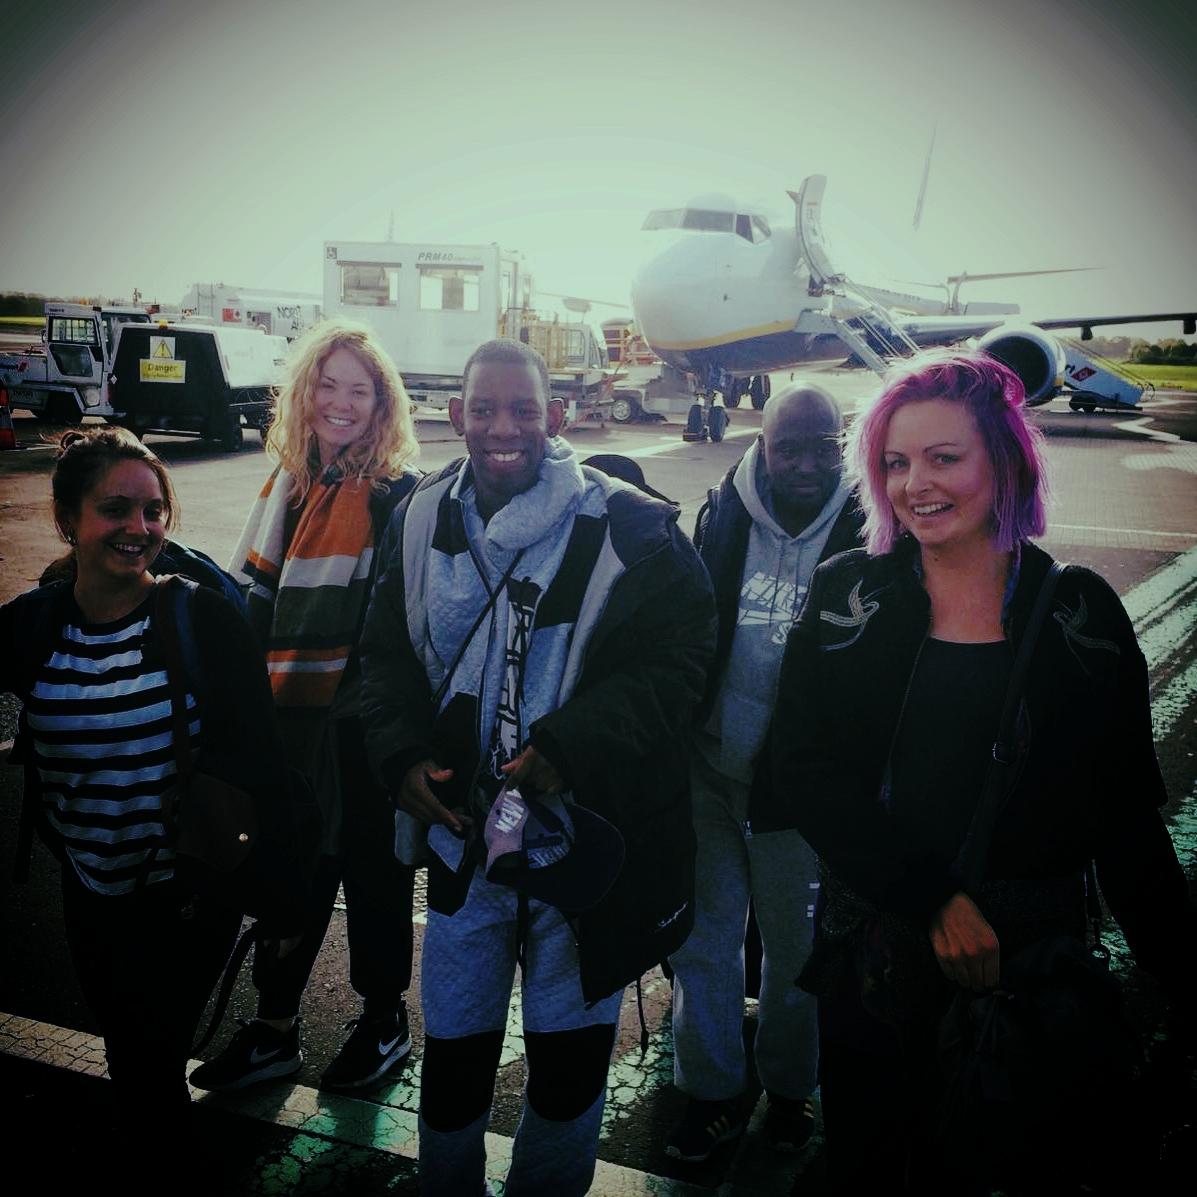 Kat, Rachel. Delson, Francis and Vicki at the airport